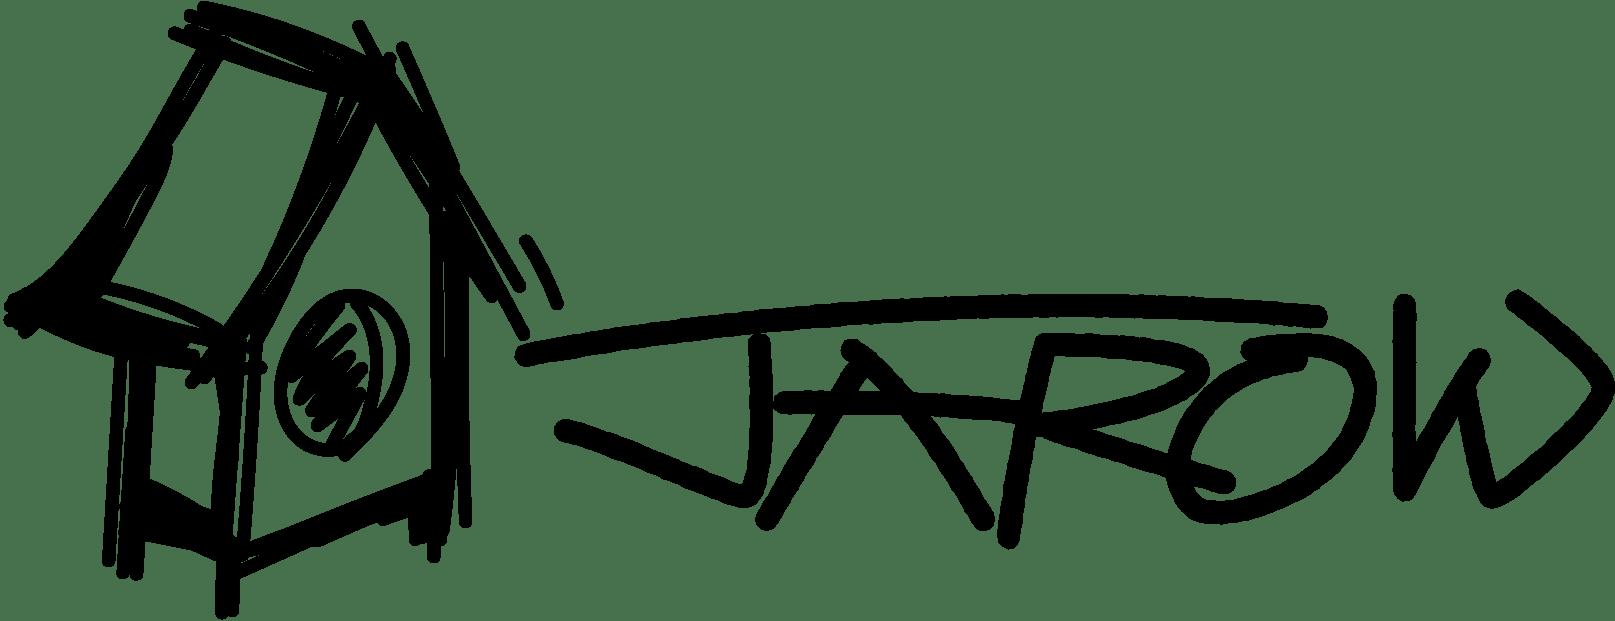 JAROW-STORE